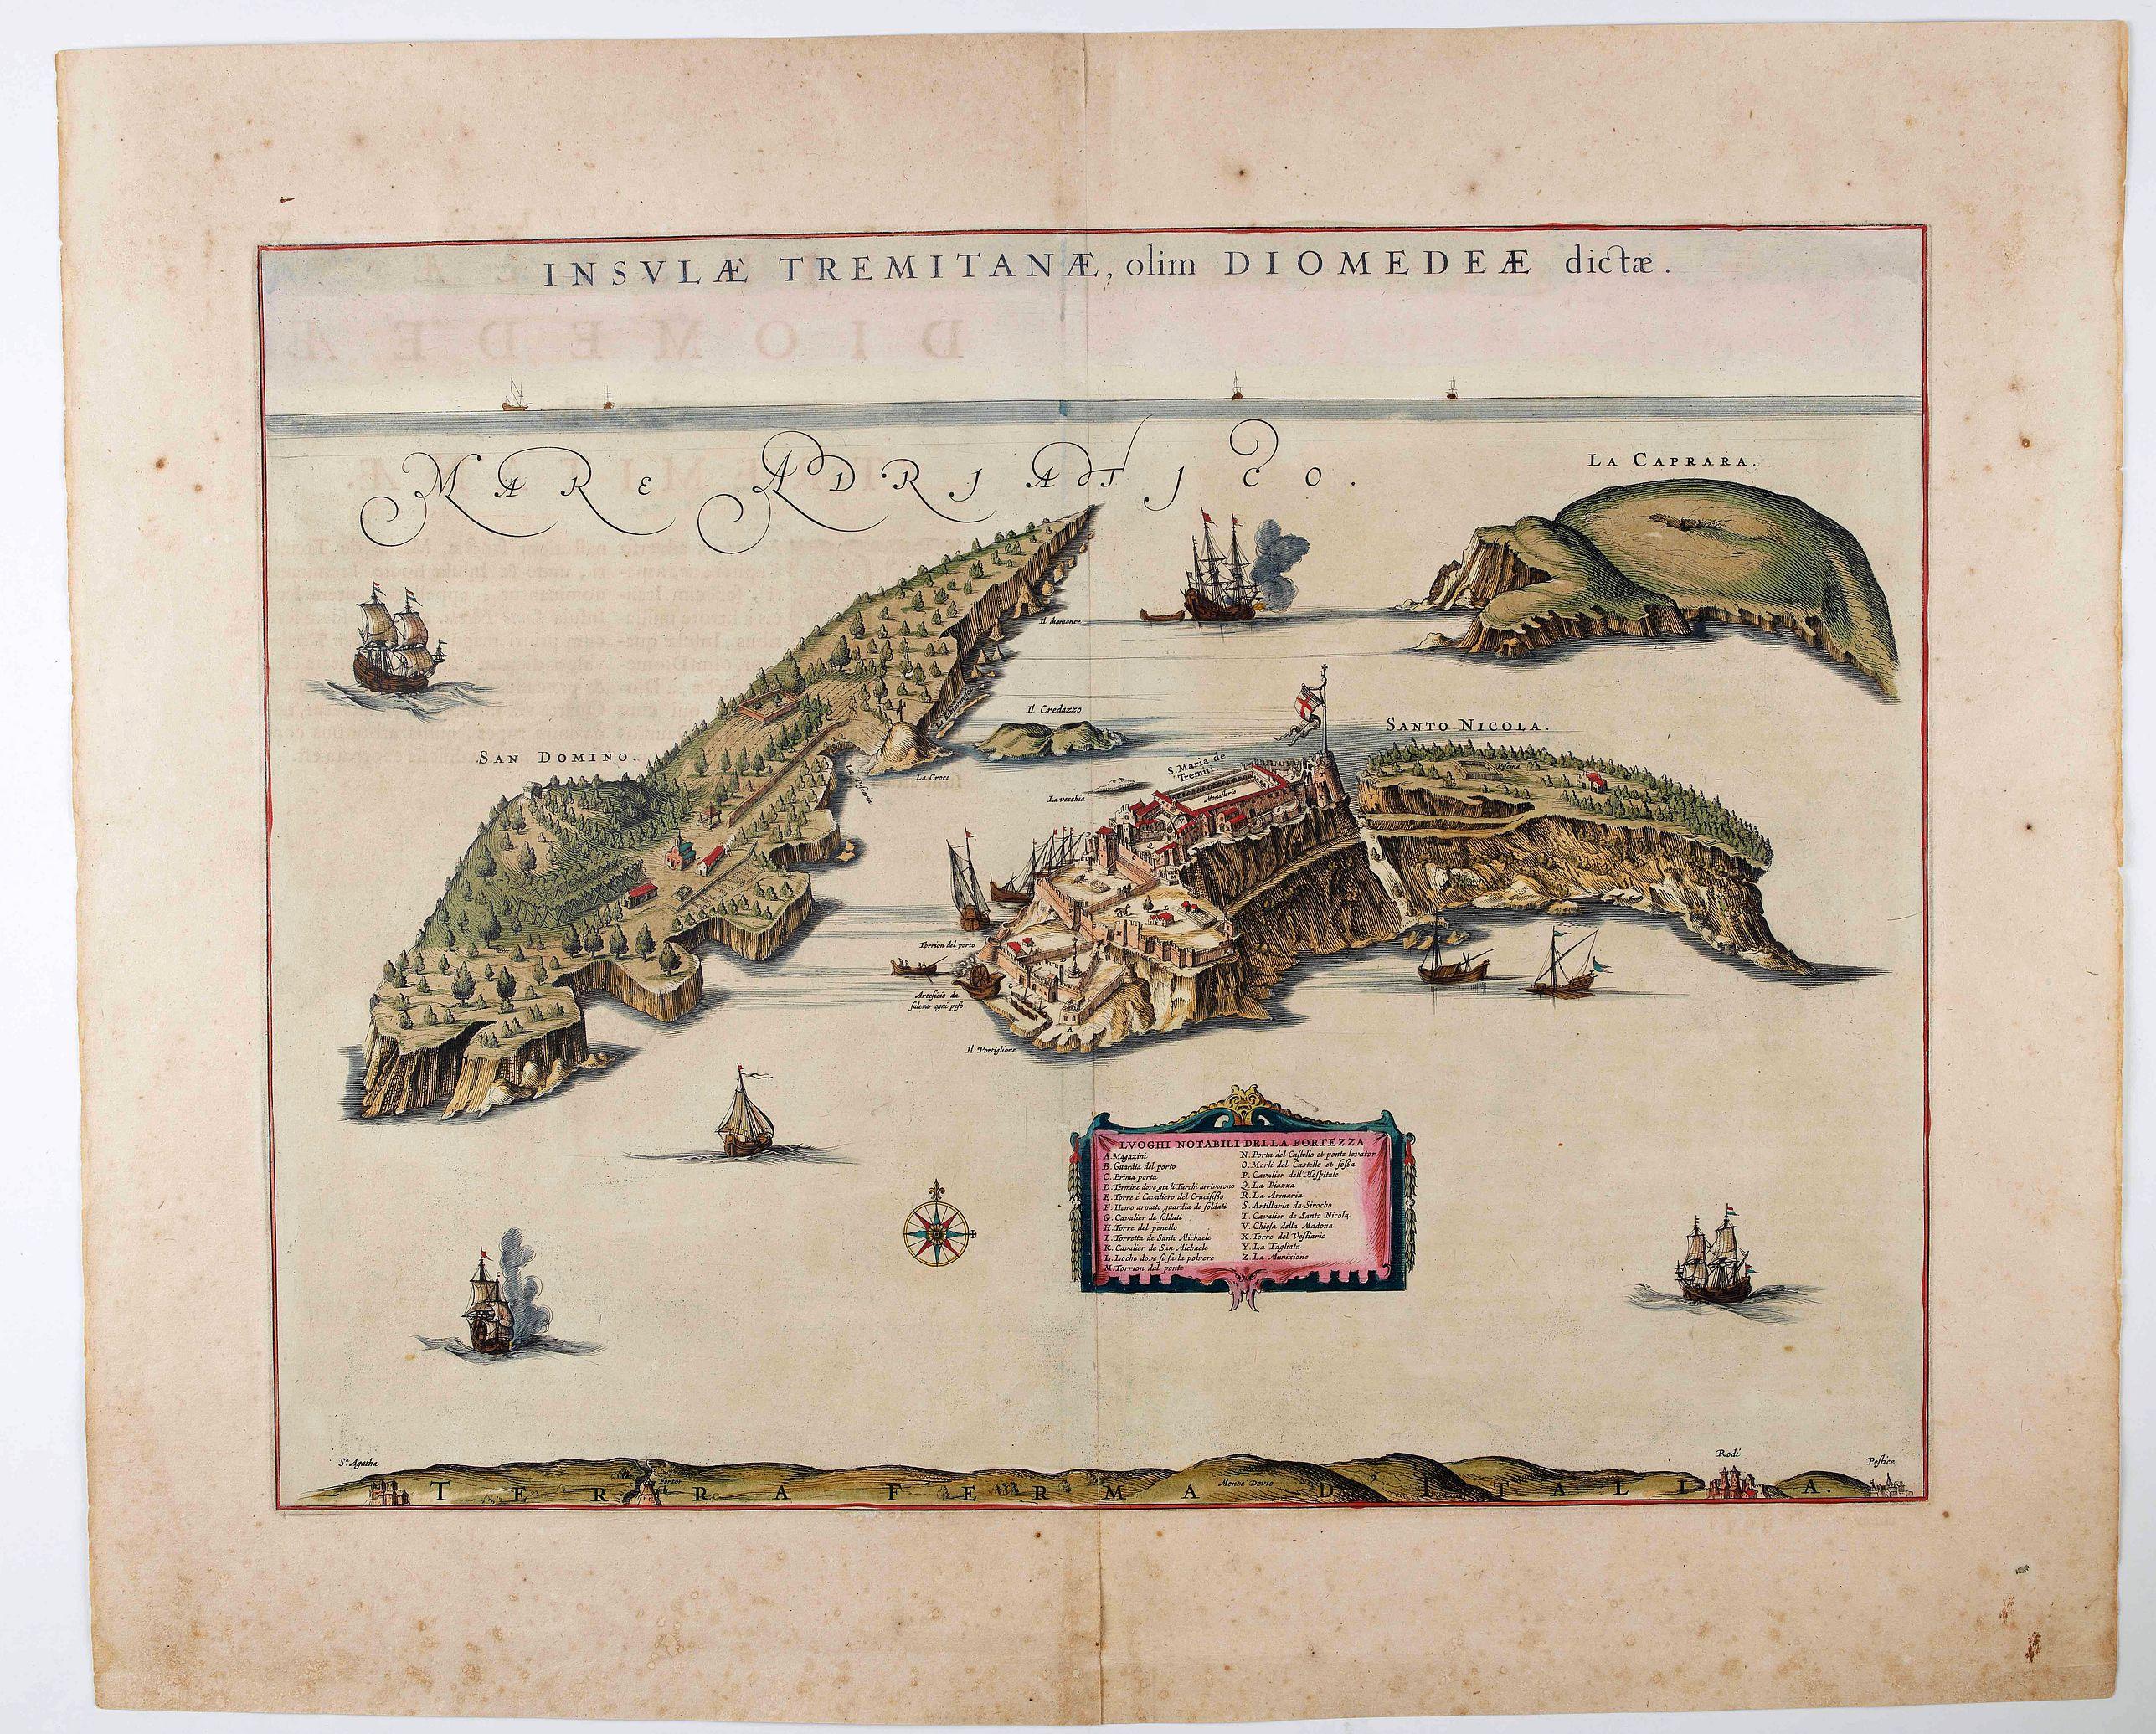 BLAEU, J. - Insulae Tremitanae, olim Diomedeae dictae.